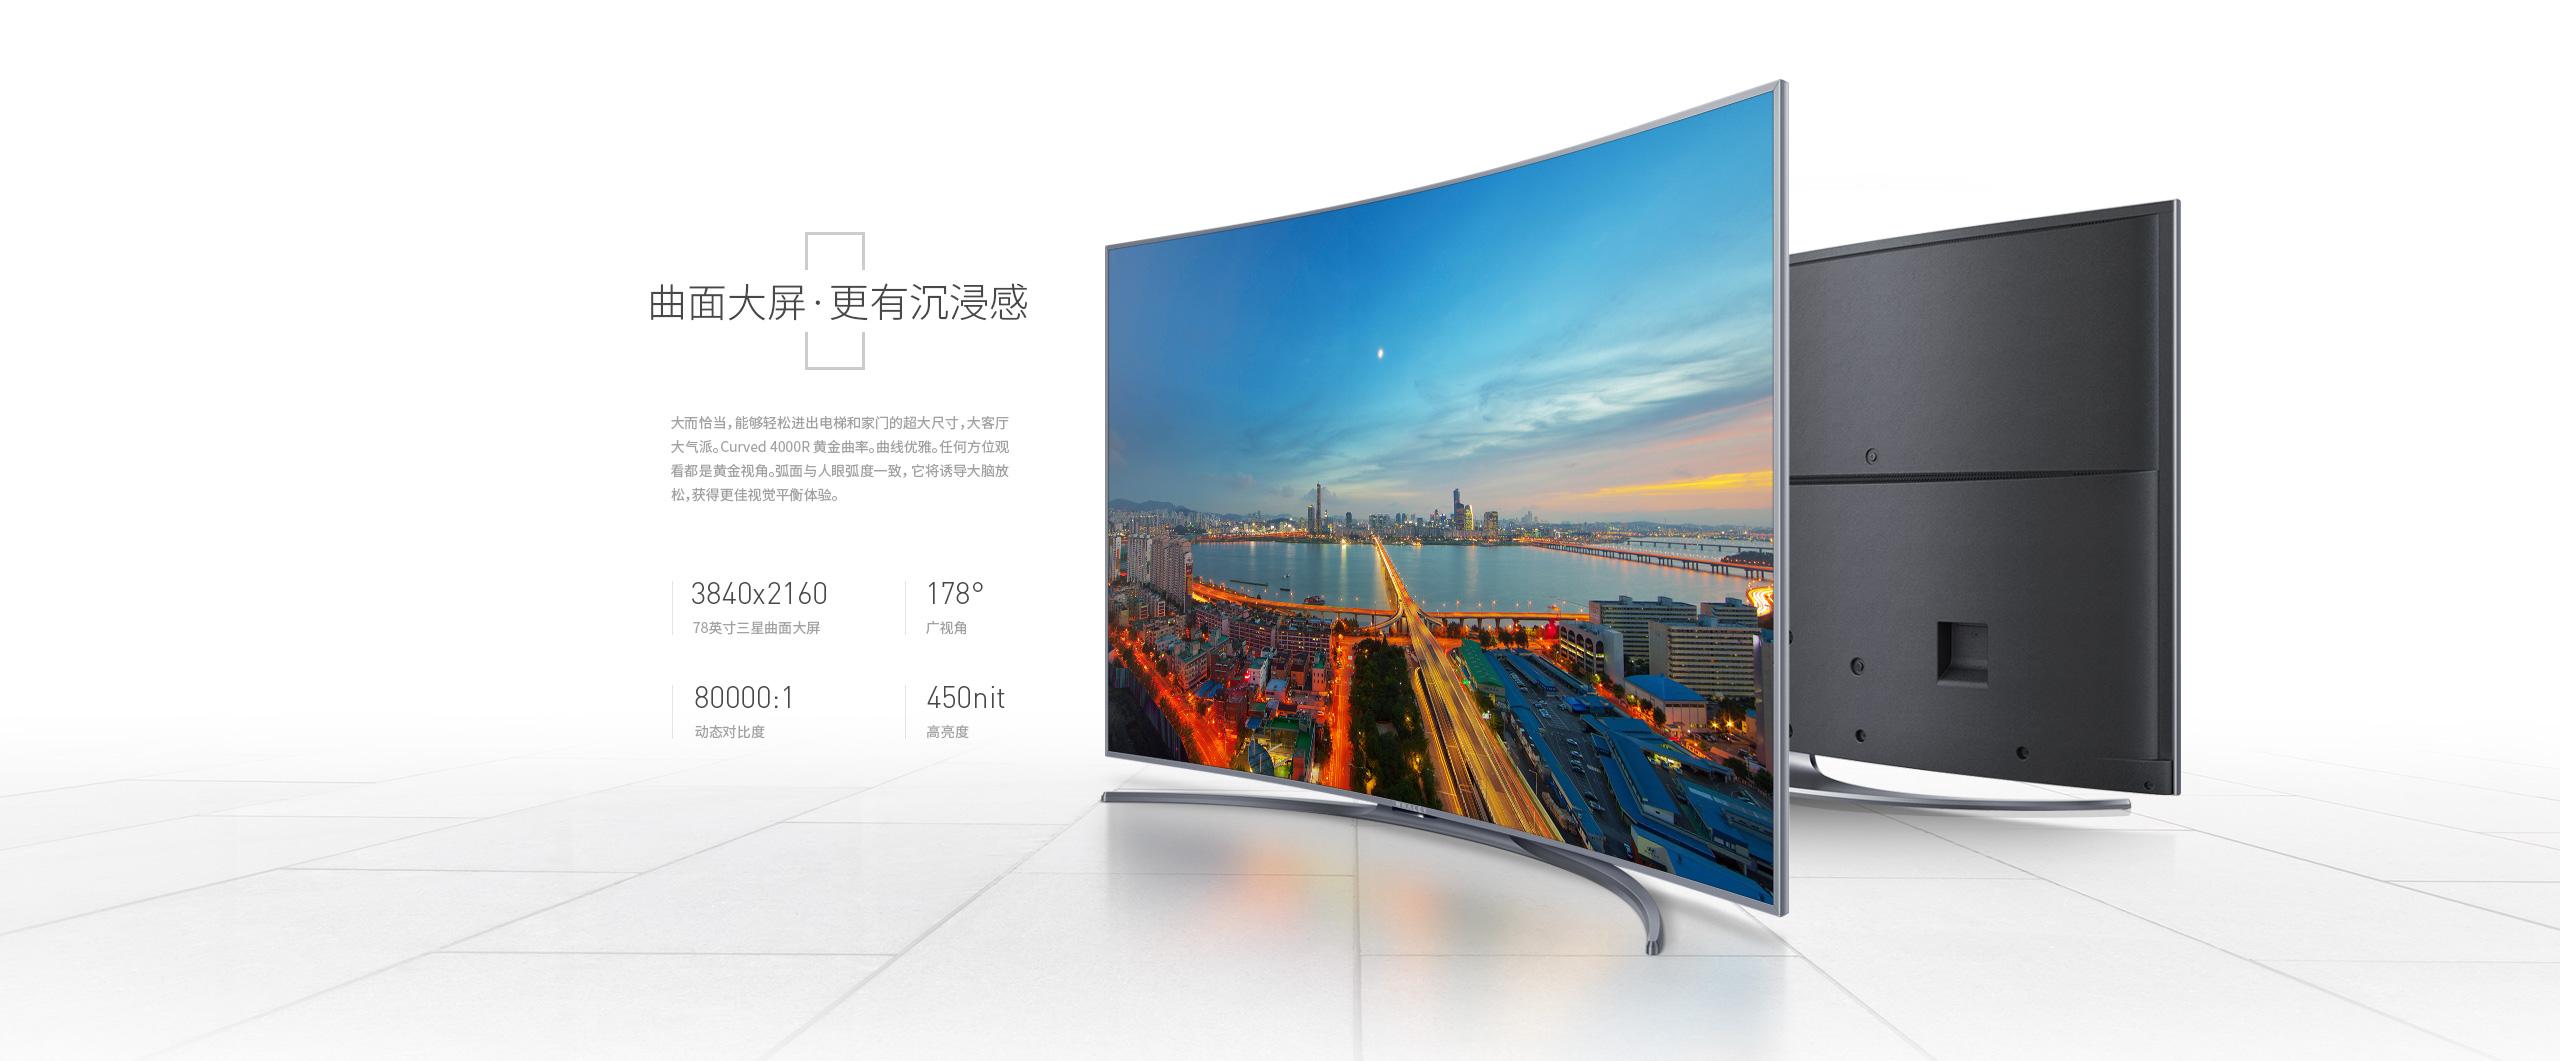 微鲸78寸曲面电视--参数